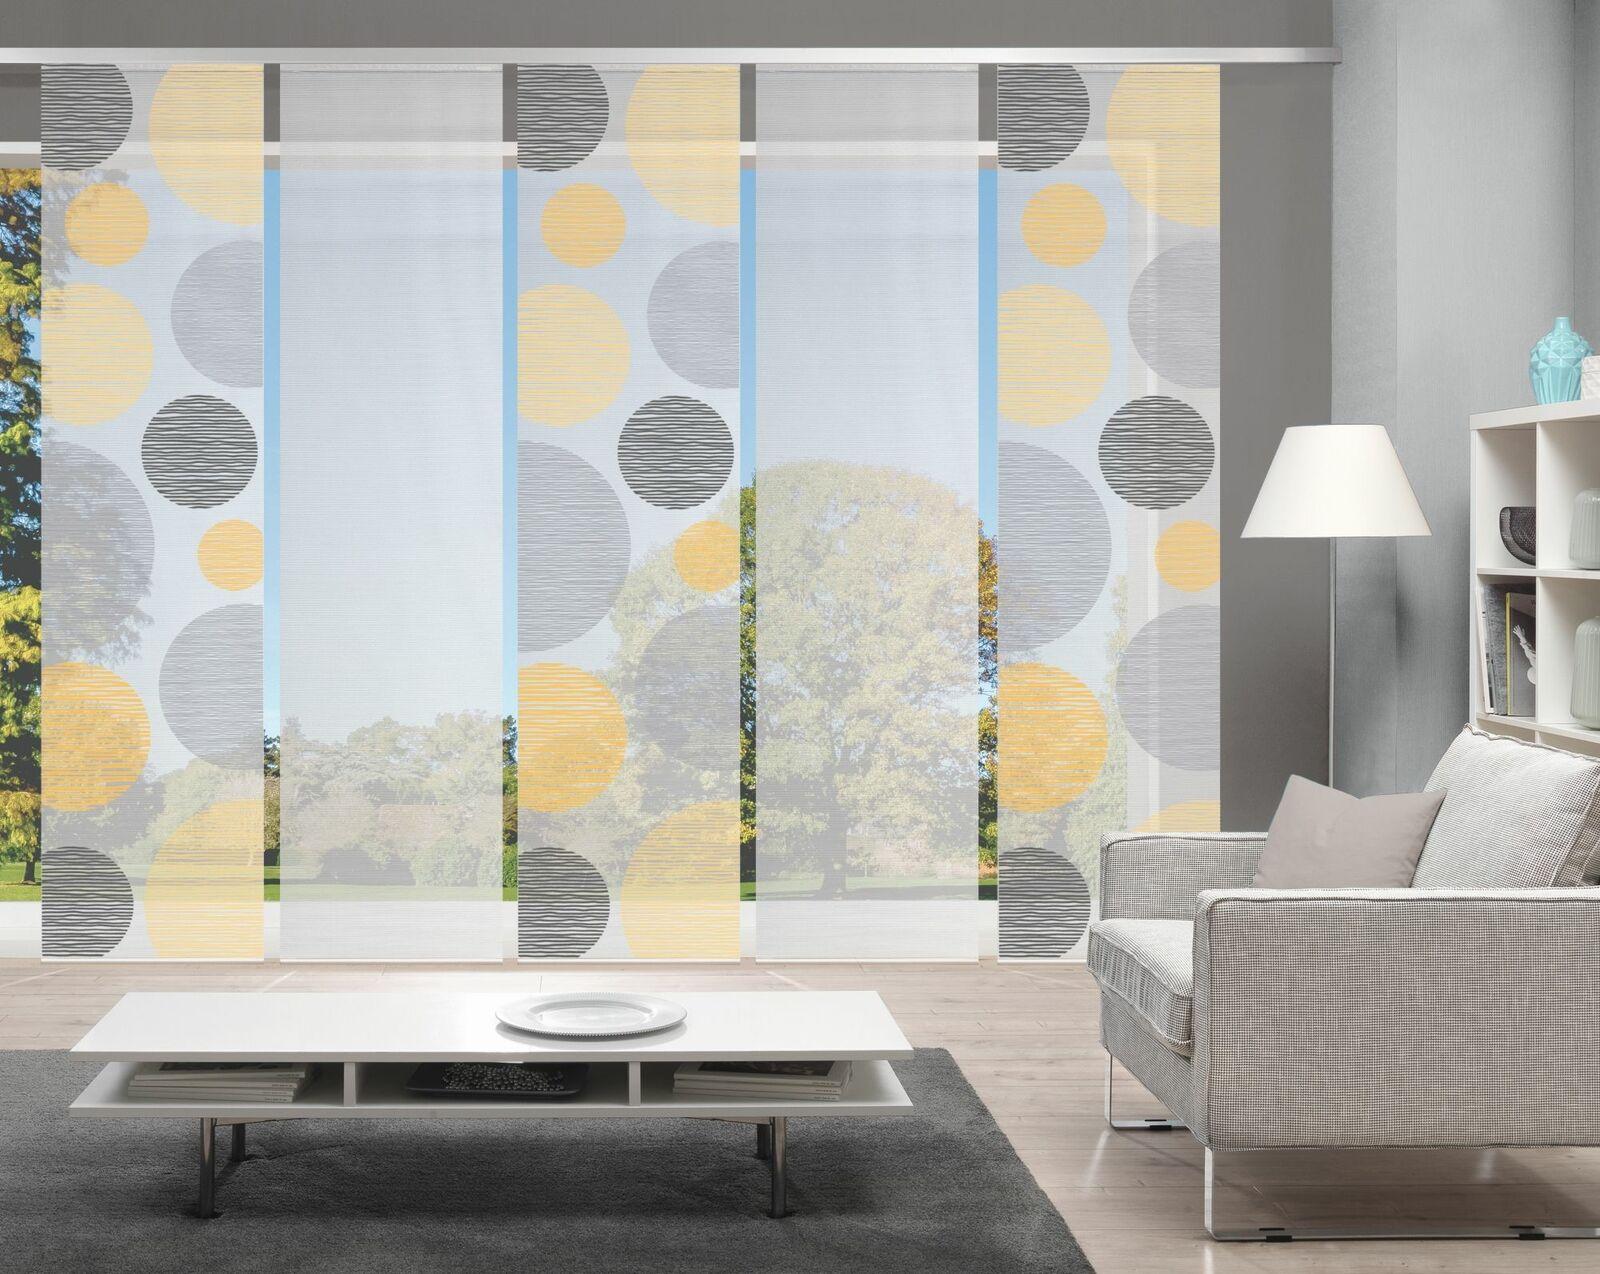 Full Size of Gardinen Doppelfenster Mehr Als 10000 Angebote Fenster Für Die Küche Wohnzimmer Schlafzimmer Scheibengardinen Wohnzimmer Gardinen Doppelfenster